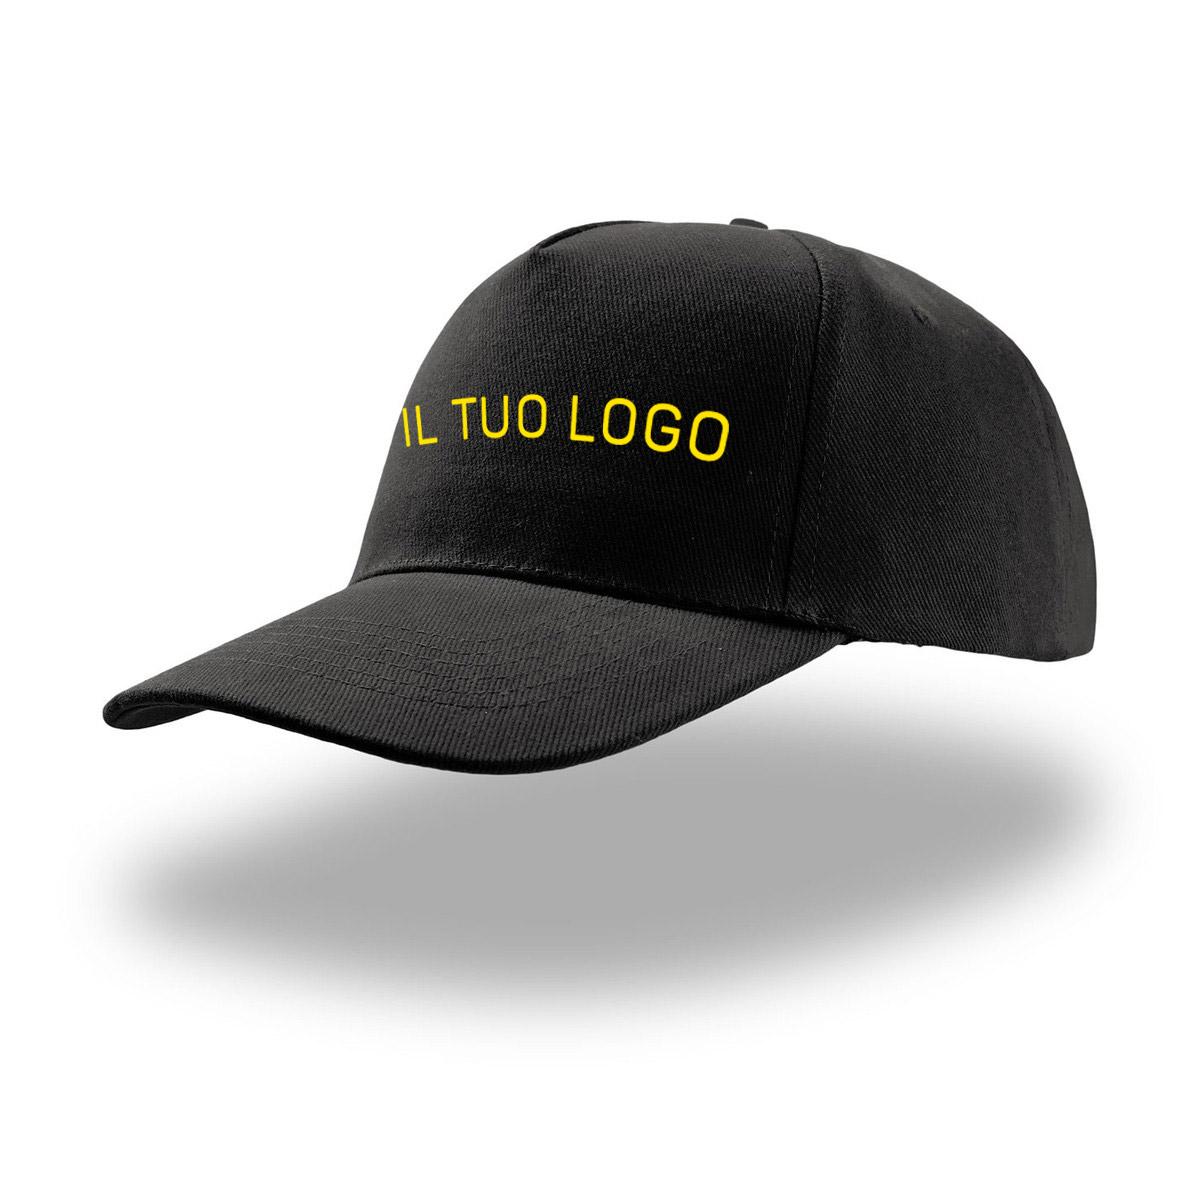 JIACHIHH Cotone Cappello Pescatore,Linea Semplice Croce Stampa Immagine Benna Hat Estate Viola Unisex Visiera Esterna Hat Pesca Fisherman Hat